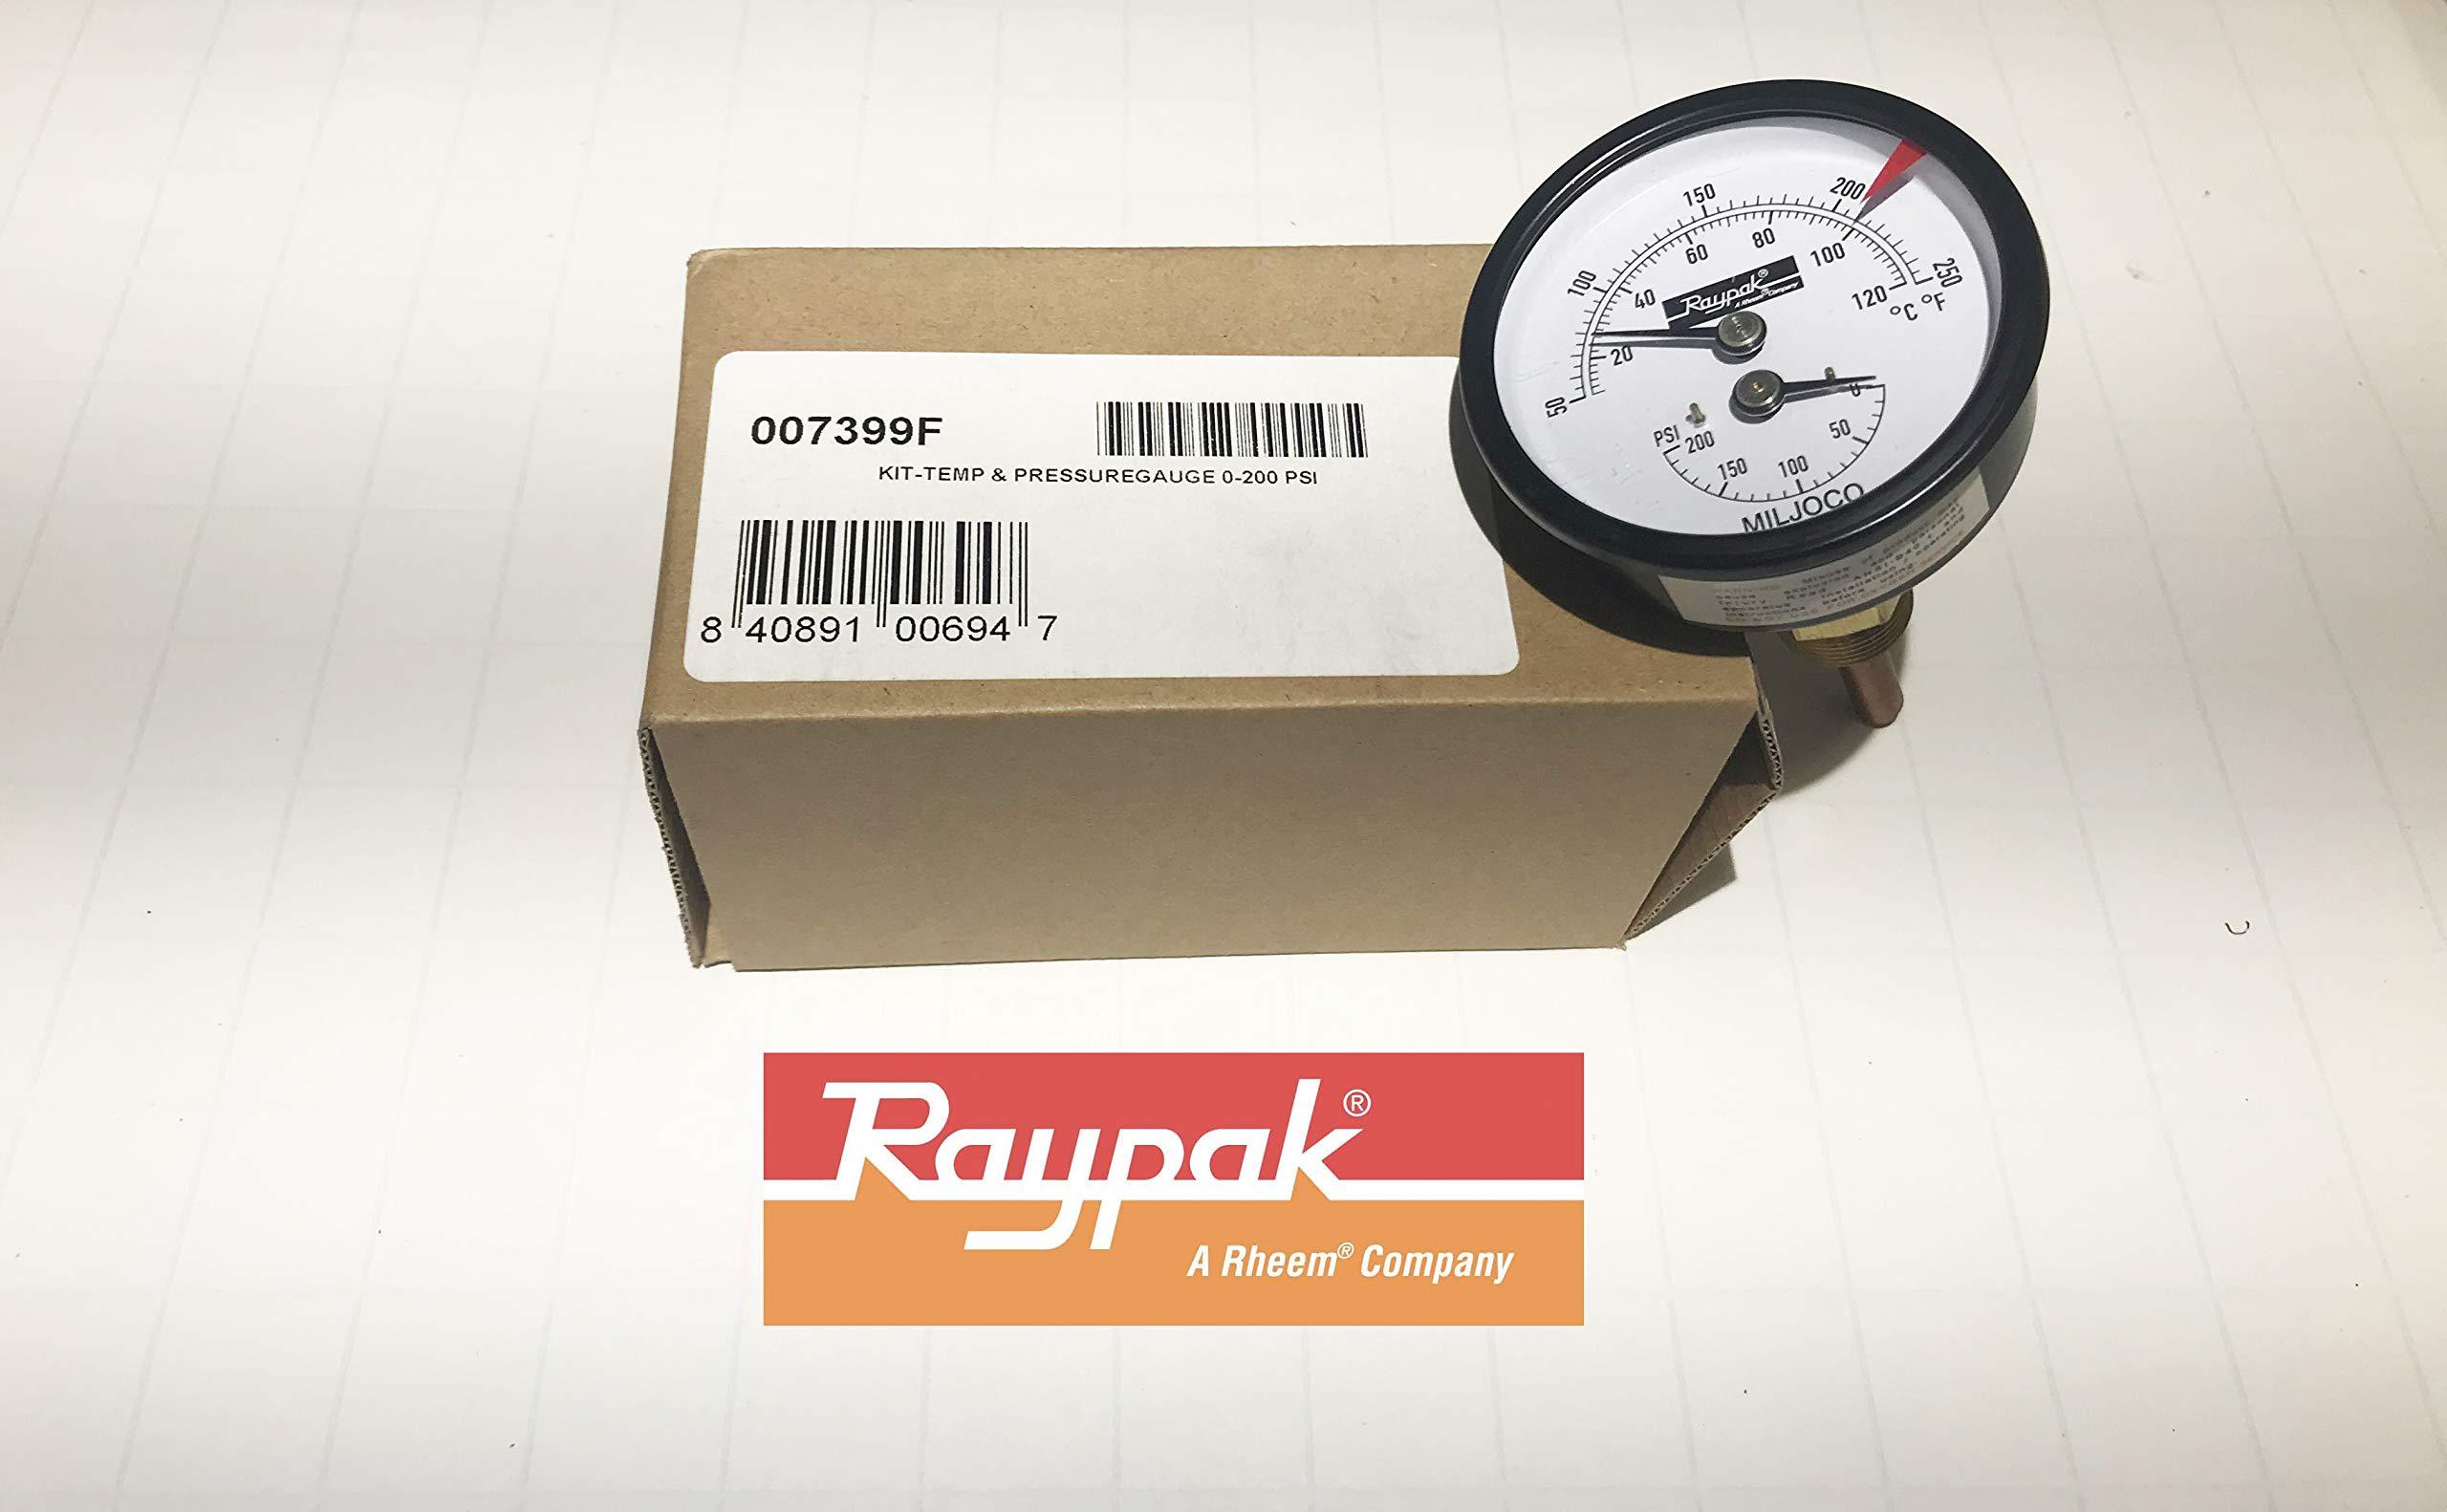 Raypak 007399F Temperature and Pressure Gauge Kit